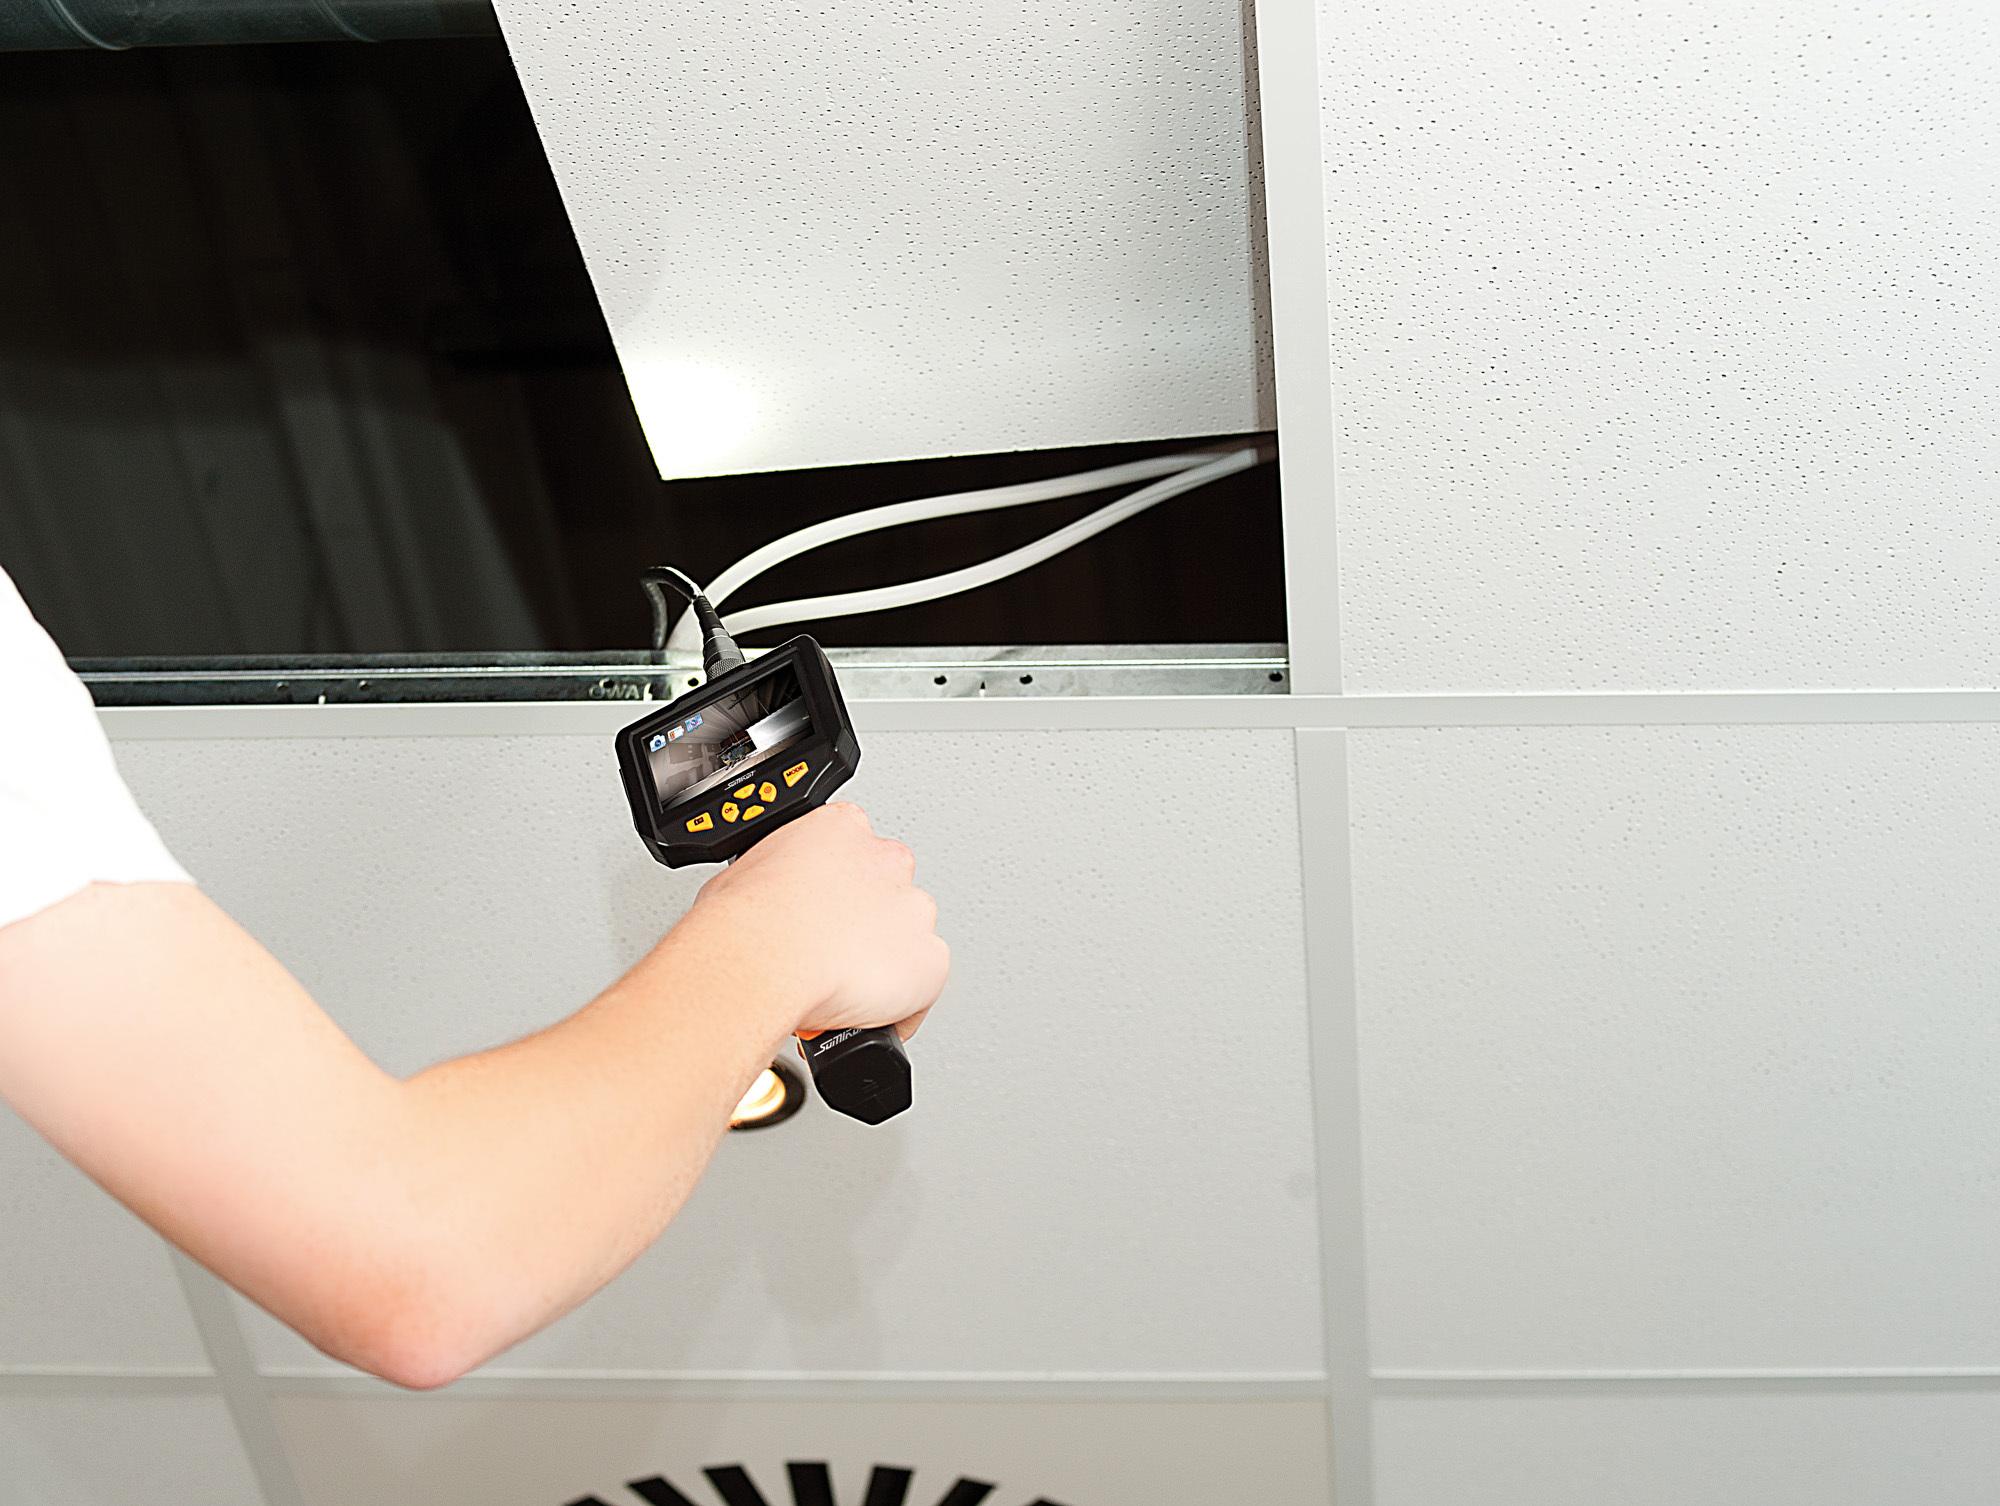 somikon hd endoskop kamera 8 2 mm mit monitor aufnahme. Black Bedroom Furniture Sets. Home Design Ideas